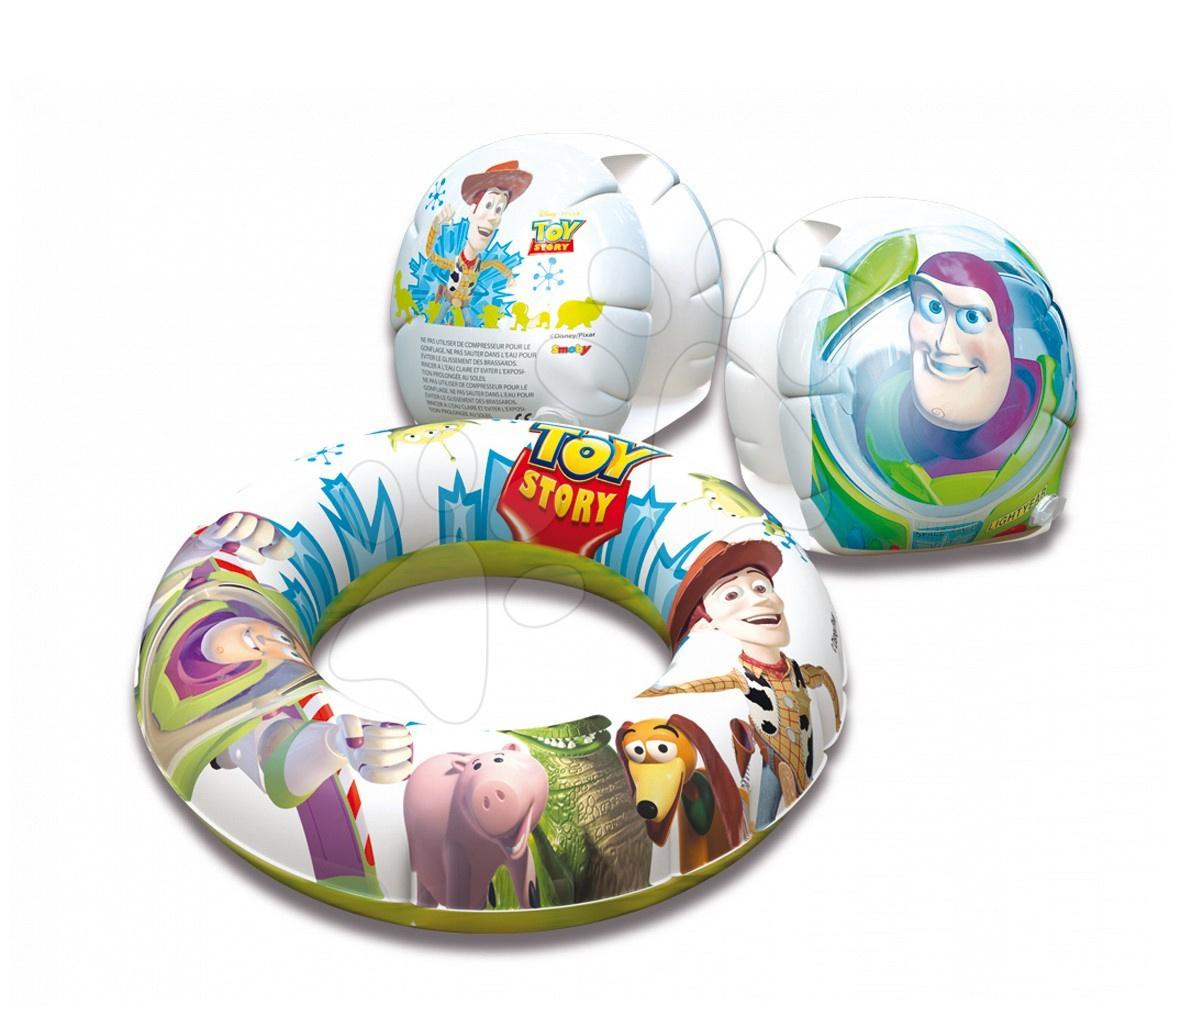 Staré položky - Nafukovací rukávky Toy Story Smoby Smoby a kruh 50 cm